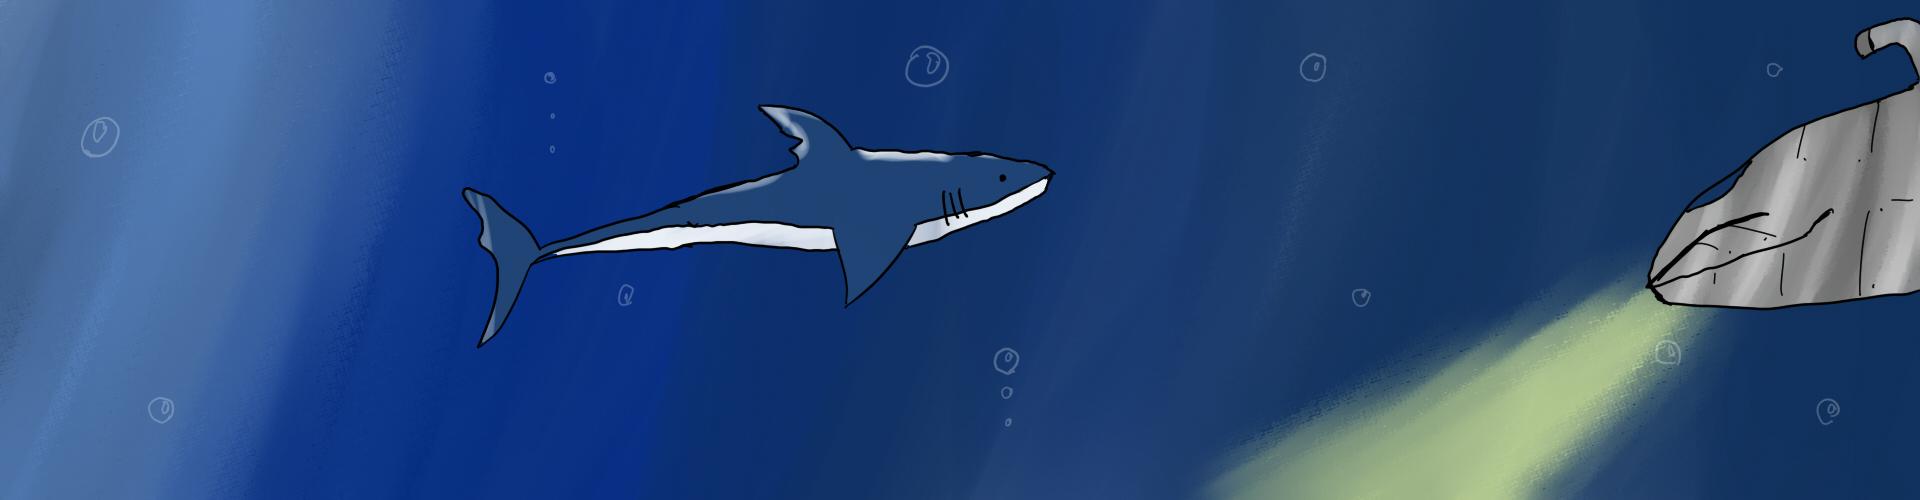 Shark-Trage